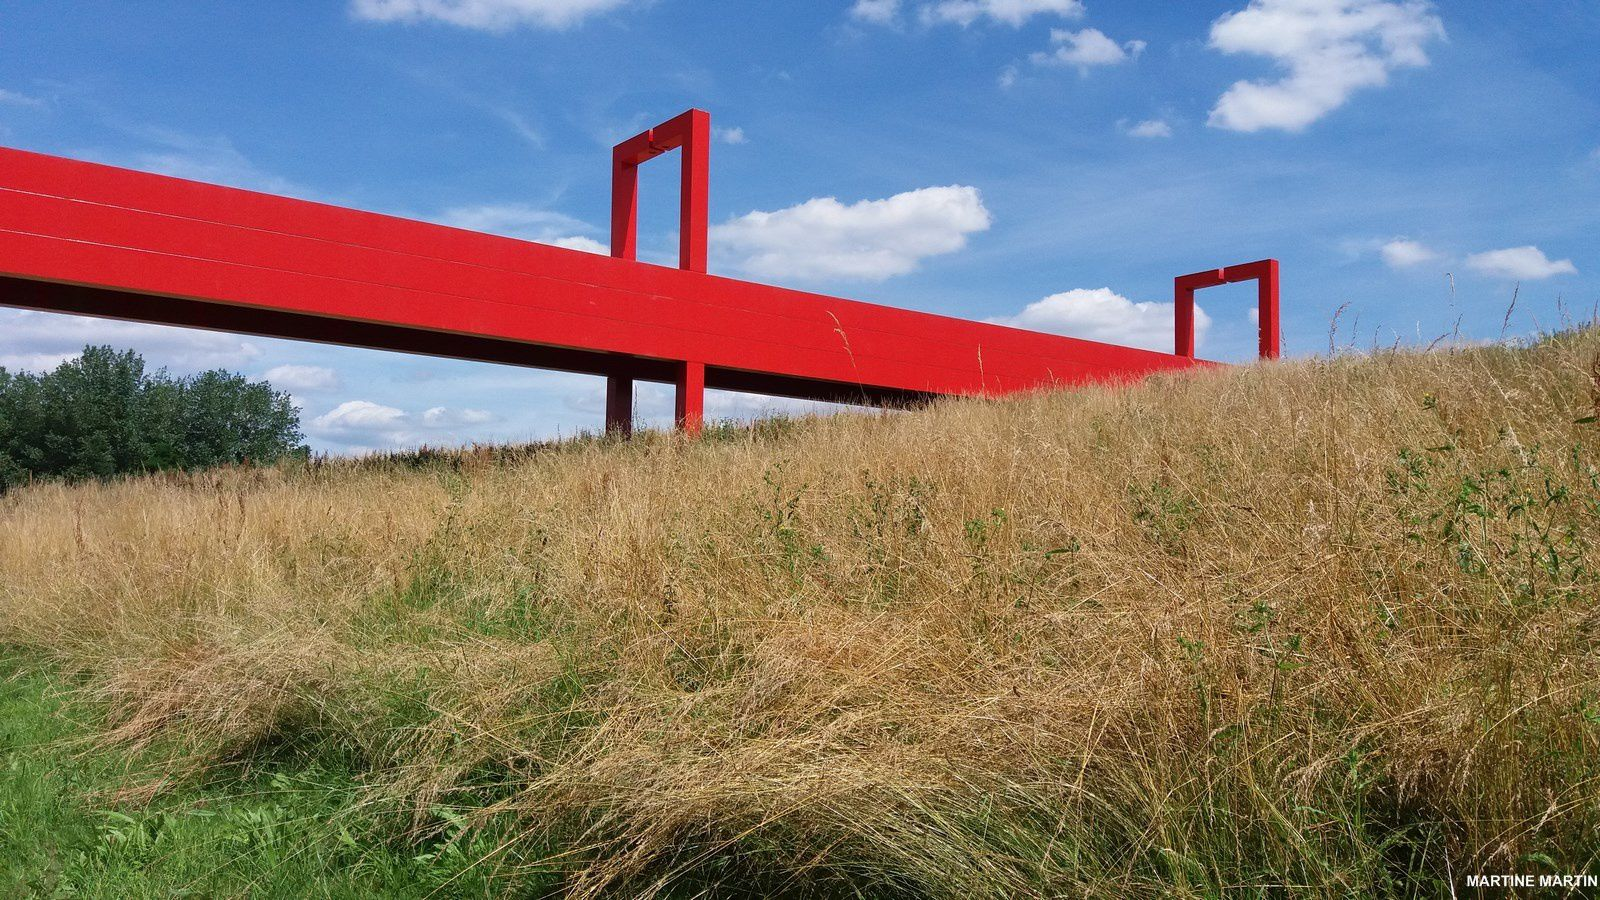 En Rouge et or sur l'axe Majeur de Cergy-Pontoise